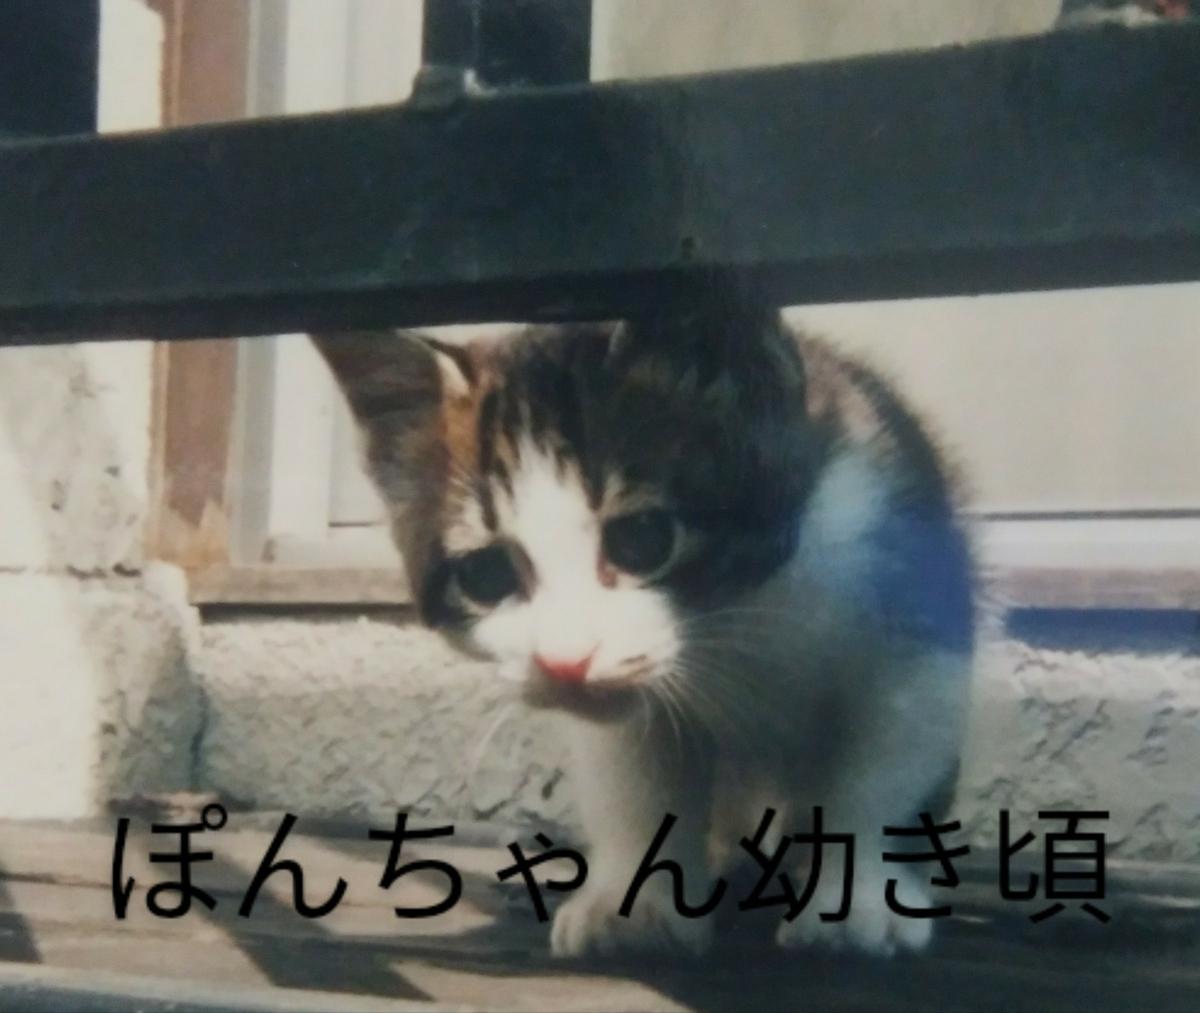 f:id:maricats:20201230172147j:plain